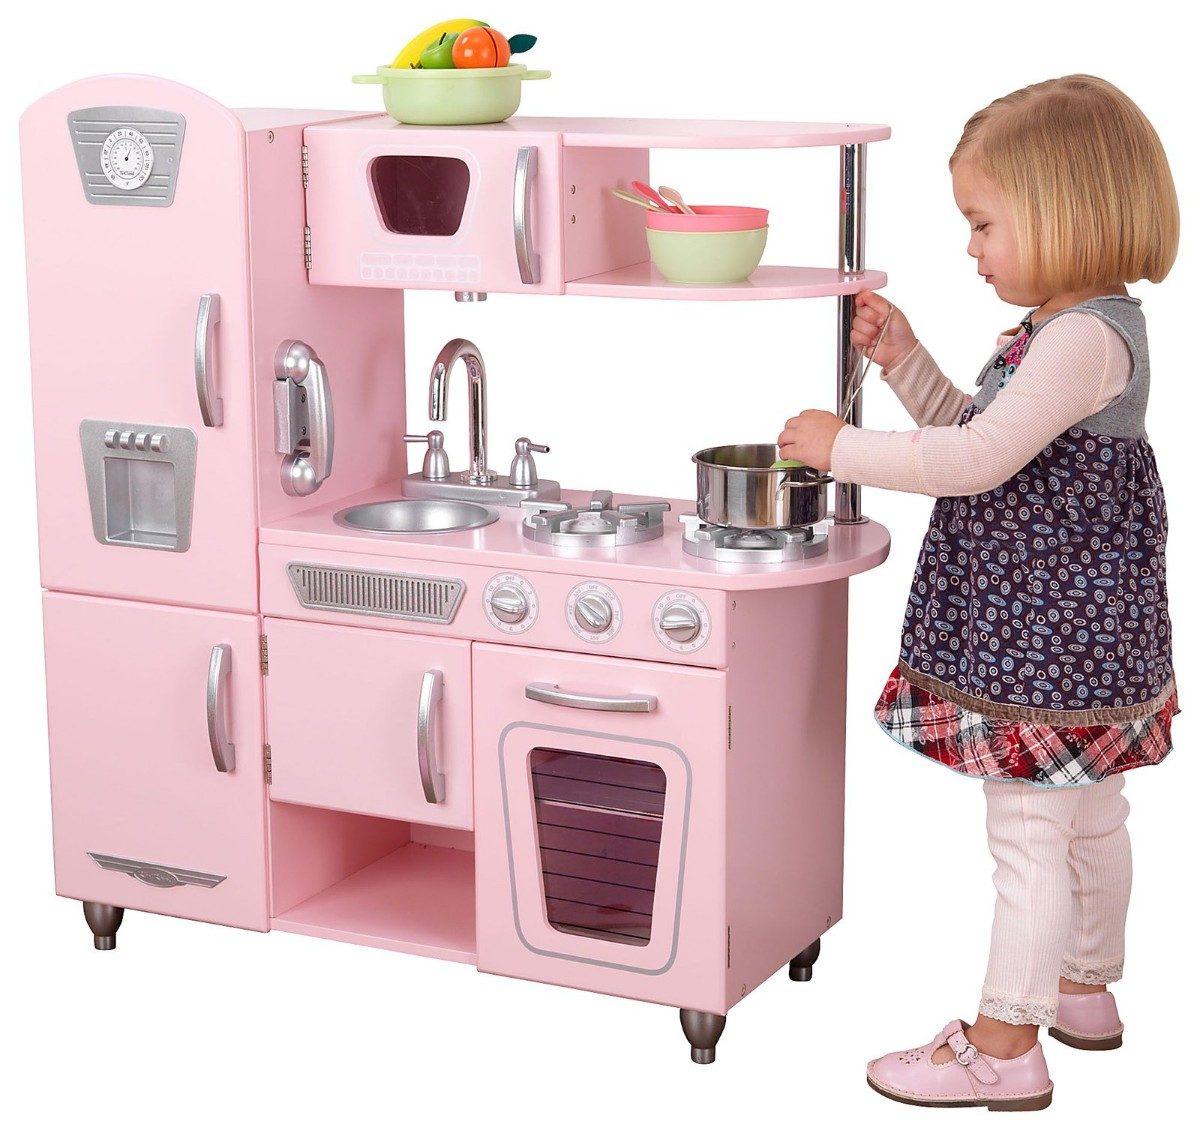 Regalos que gustan a las ni as para navidad desarrollo for Cocina ninos juguete